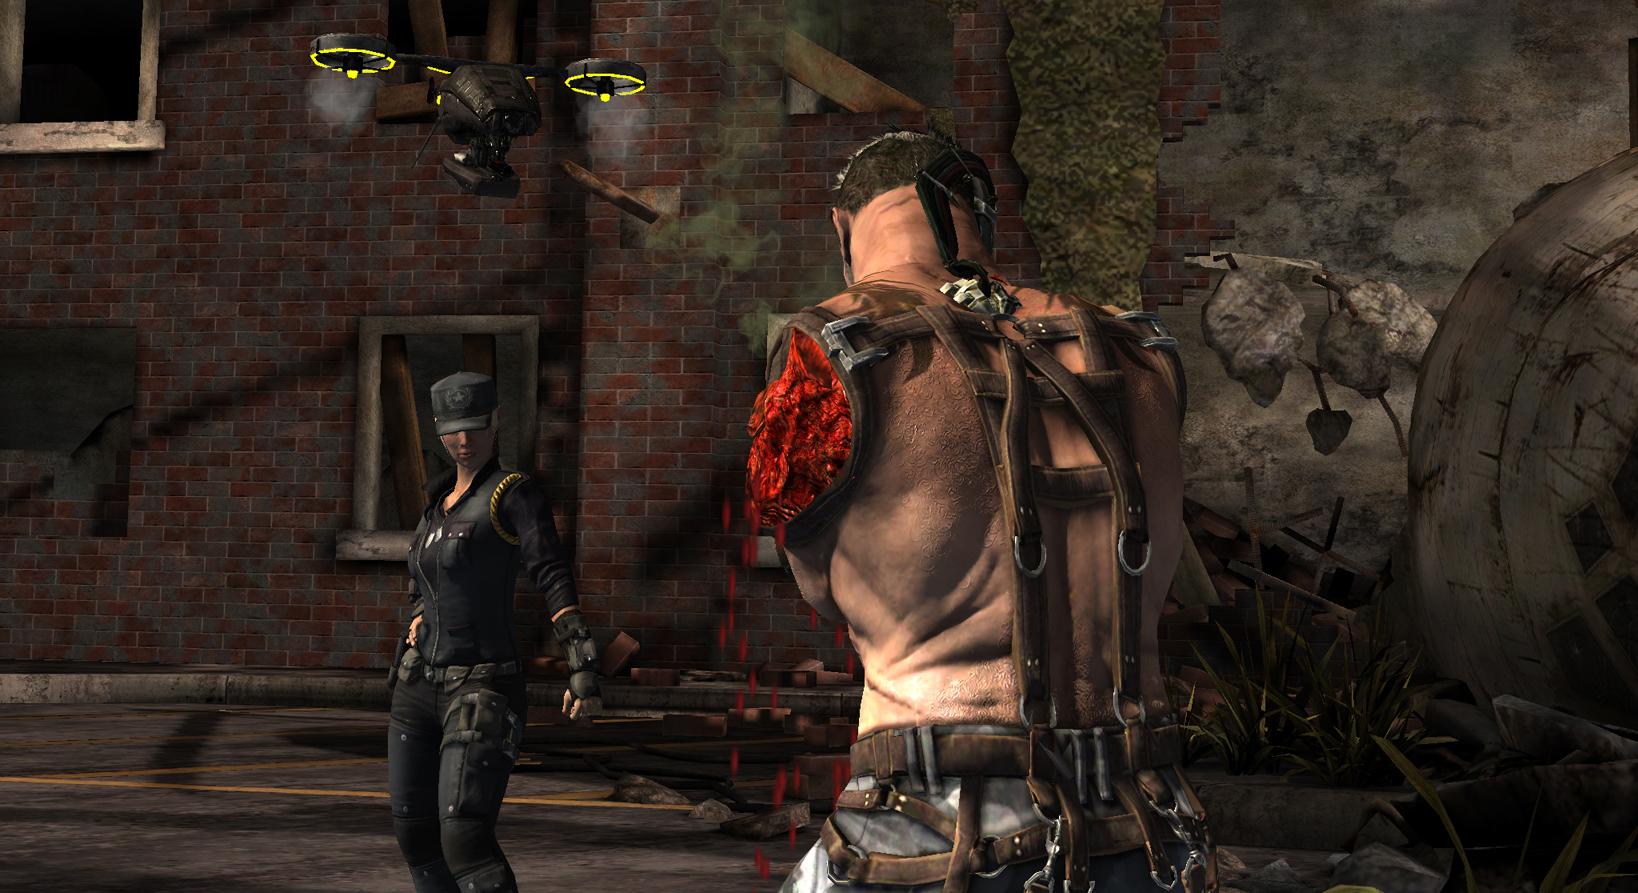 Análisis de Mortal Kombat X para Android - 3DJuegos